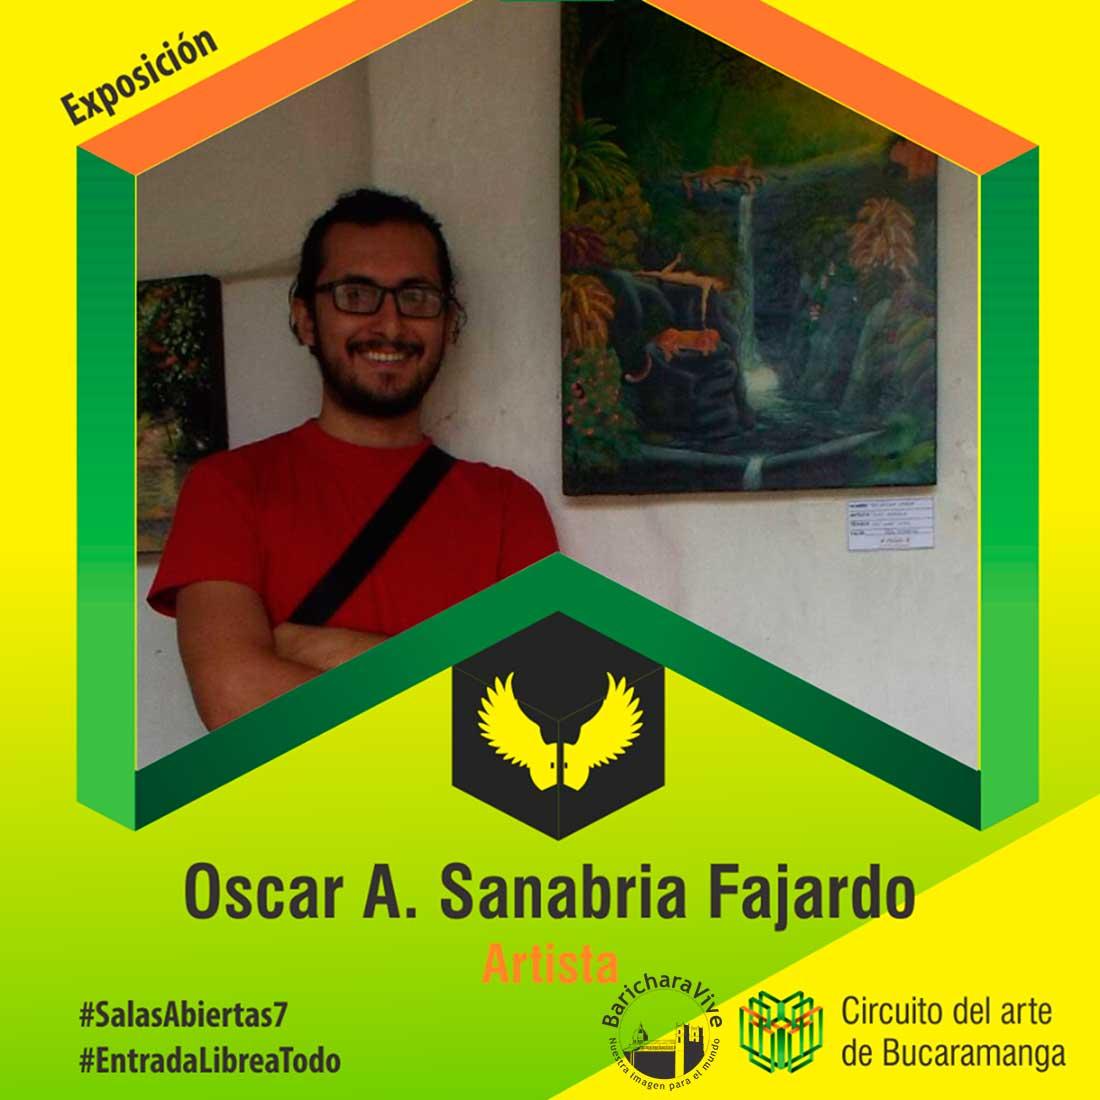 artista-oscar-sanabria-fajardo-7a-edicion-el-centro-con-las-salas-abiertas-bucaramanga-2017